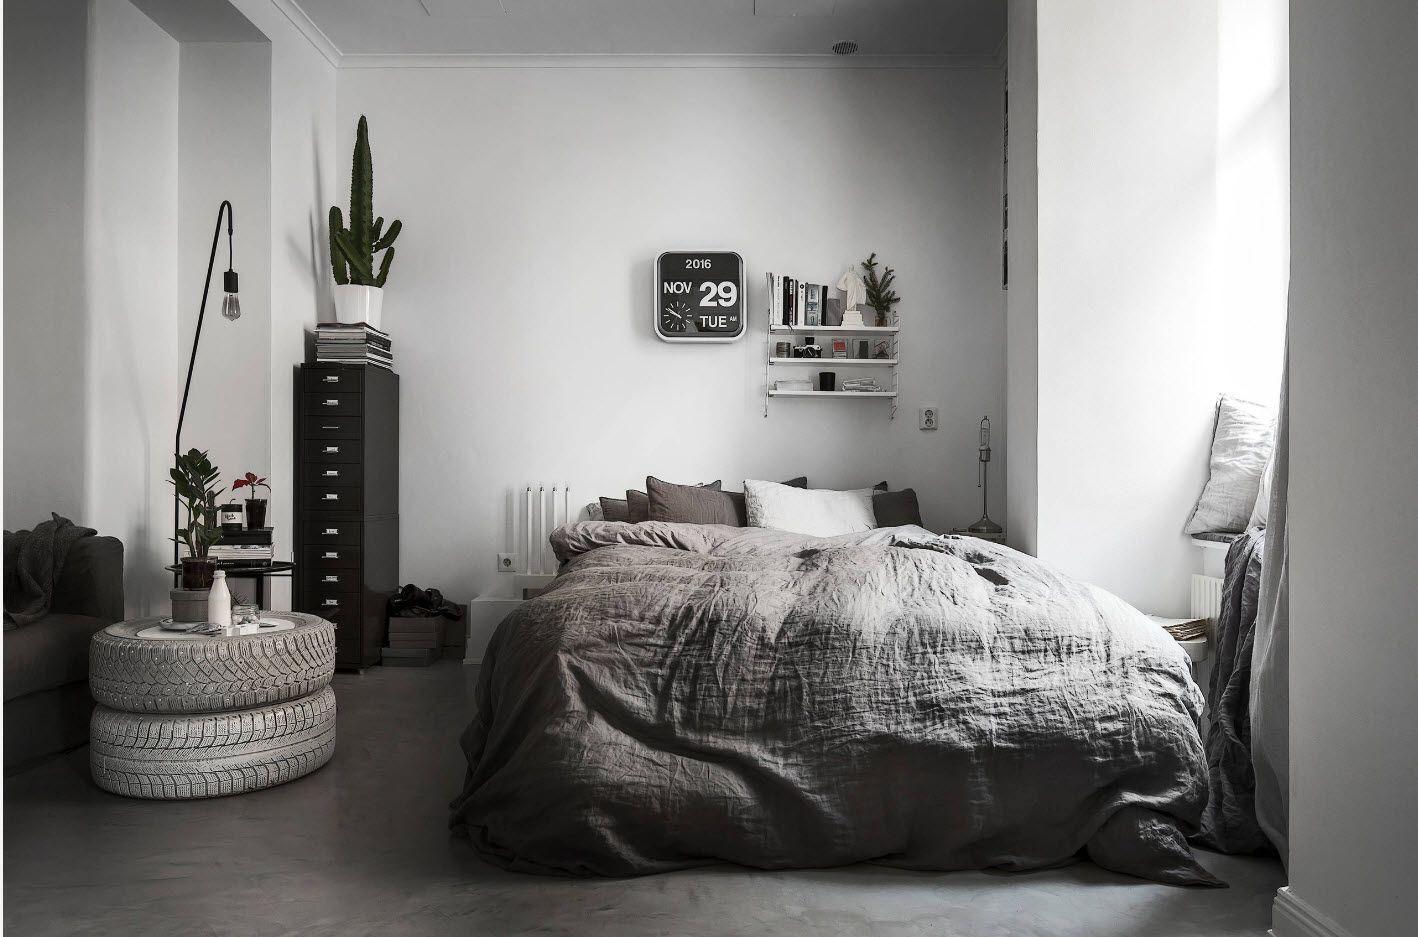 Modern Scandinavian interior in white setting of the modern bedroom